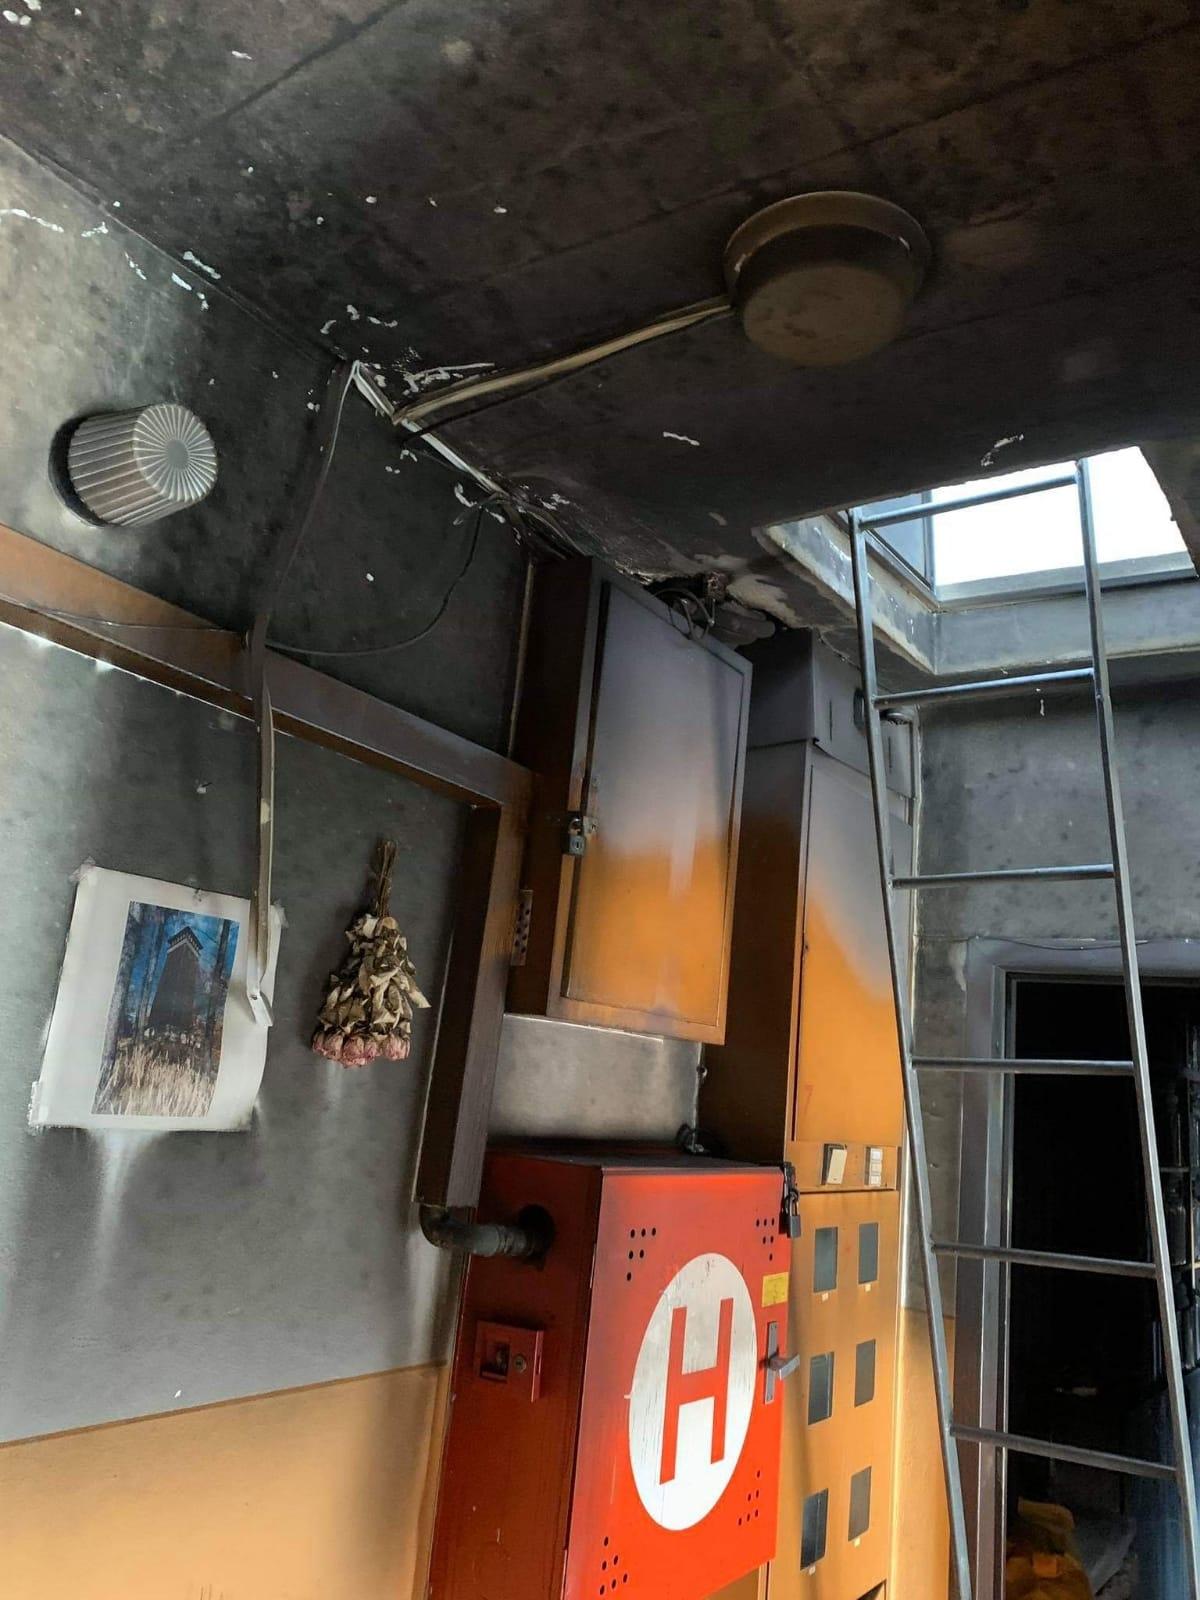 žebřík použitý k vyražení dveří zdroj foto: PČR